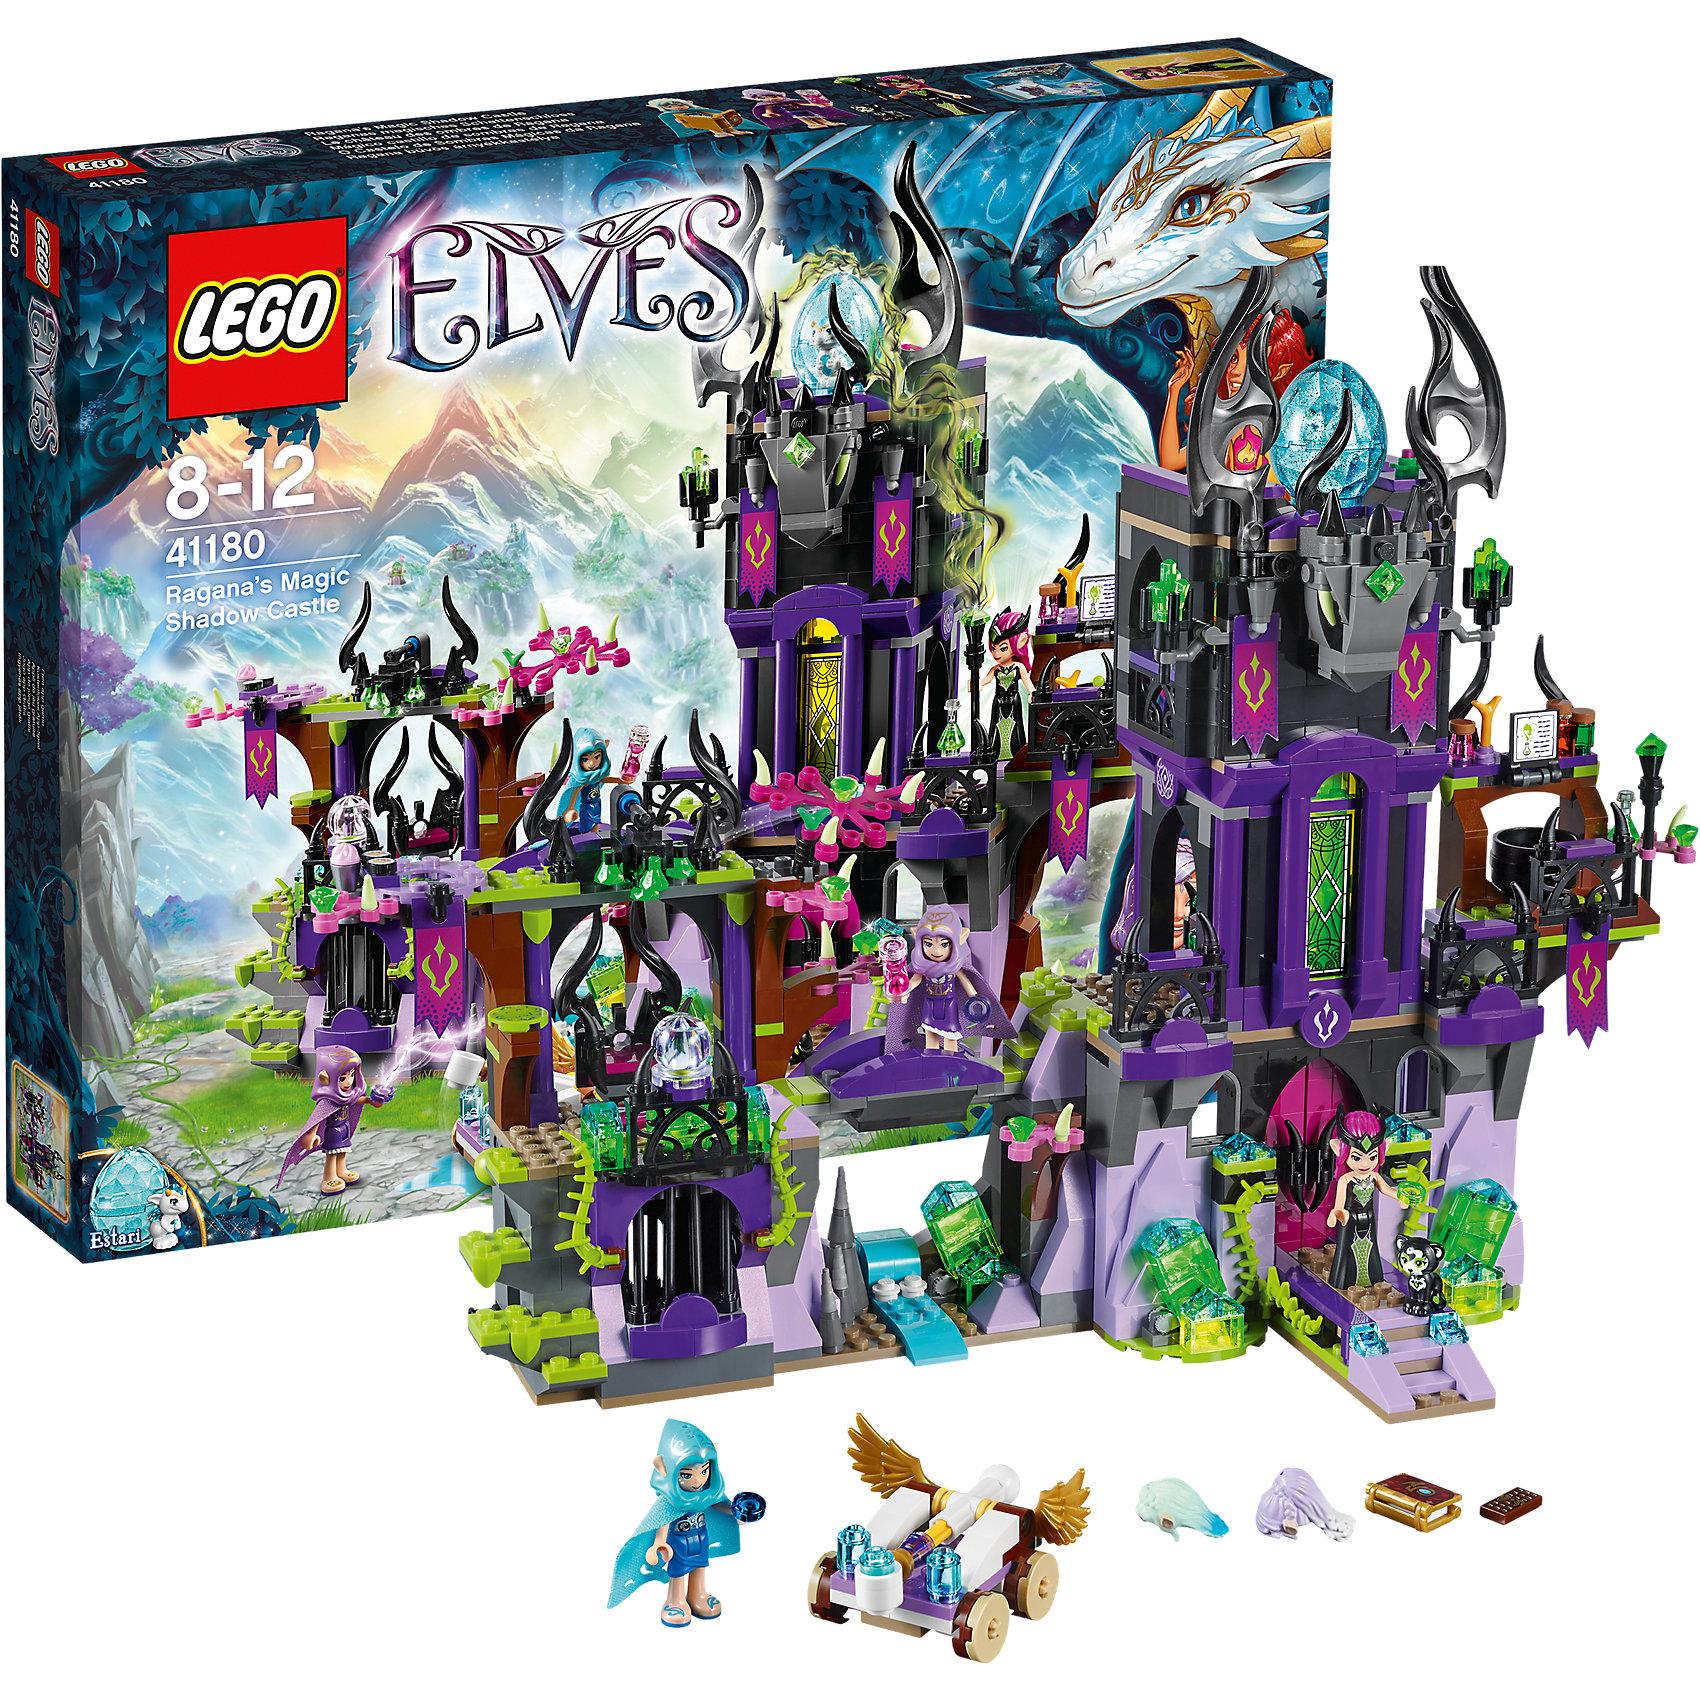 LEGO Elves 41180: Замок теней РаганыПластмассовые конструкторы<br>Конструкторы из серии LEGO Elves полюбились многим современным детям, поэтому набор Лего, из которого можно собрать разные сюжеты про героев и её приключения, обязательно порадует ребенка. Такие игрушки помогают детям развивать воображение, мелкую моторику, логику и творческое мышление.<br>Набор состоит из множества деталей, с помощью которых можно  собрать декорации для игр, а также в нем есть фигурки любимых персонажей! С таким комплектом можно придумать множество игр!<br><br>Дополнительная информация:<br><br>цвет: разноцветный;<br>размер коробки: 48 х 7 х 38 см;<br>вес: 1369 г;<br>материал: пластик;<br>количество деталей: 1014.<br><br>Набор Замок теней Раганы от бренда LEGO Elves можно купить в нашем магазине.<br><br>Ширина мм: 472<br>Глубина мм: 375<br>Высота мм: 76<br>Вес г: 1415<br>Возраст от месяцев: 96<br>Возраст до месяцев: 144<br>Пол: Женский<br>Возраст: Детский<br>SKU: 4641234